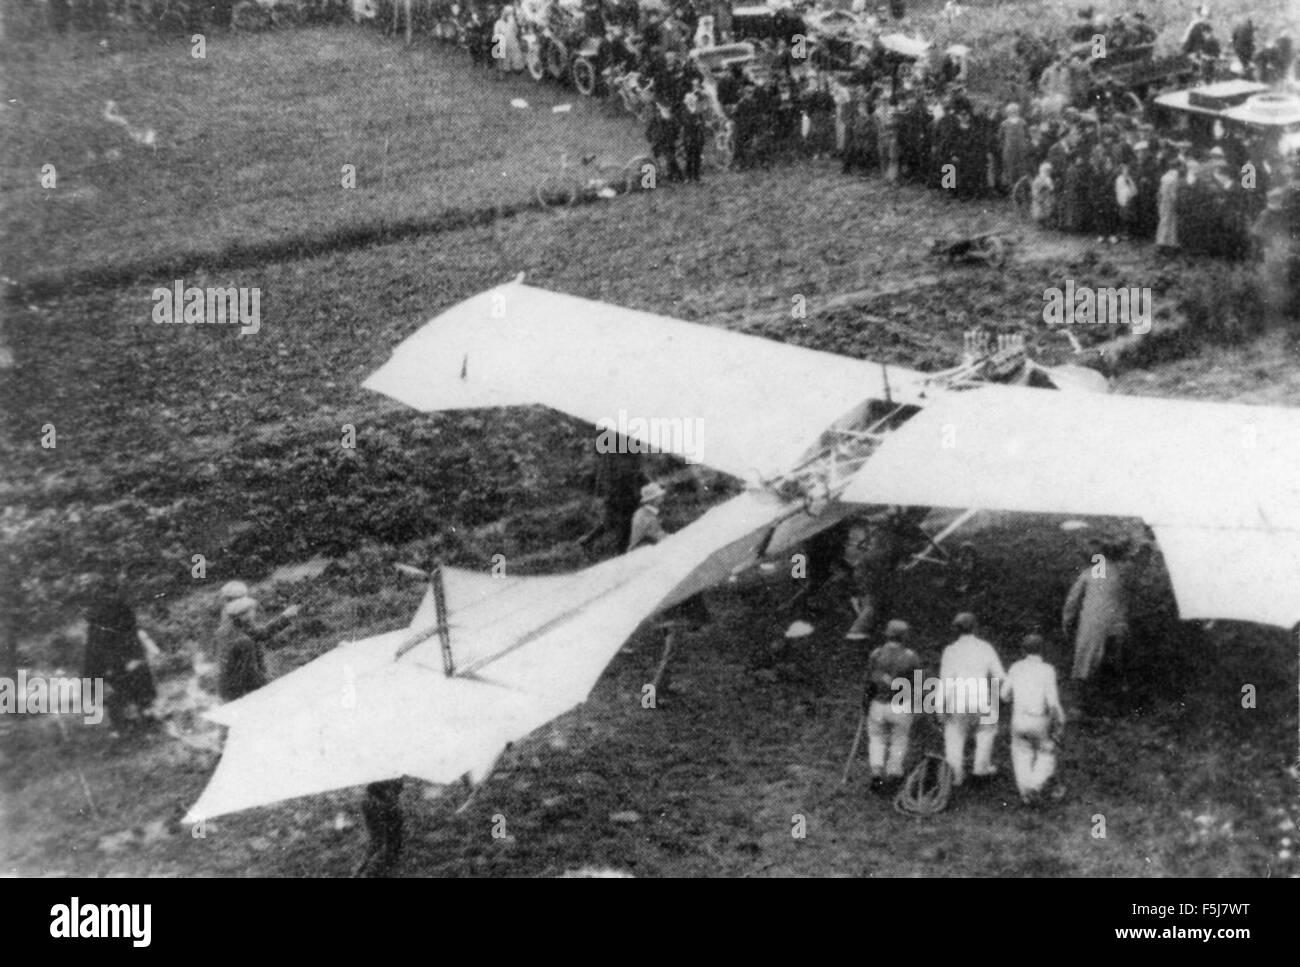 Antoinette monoplane Stock Photo